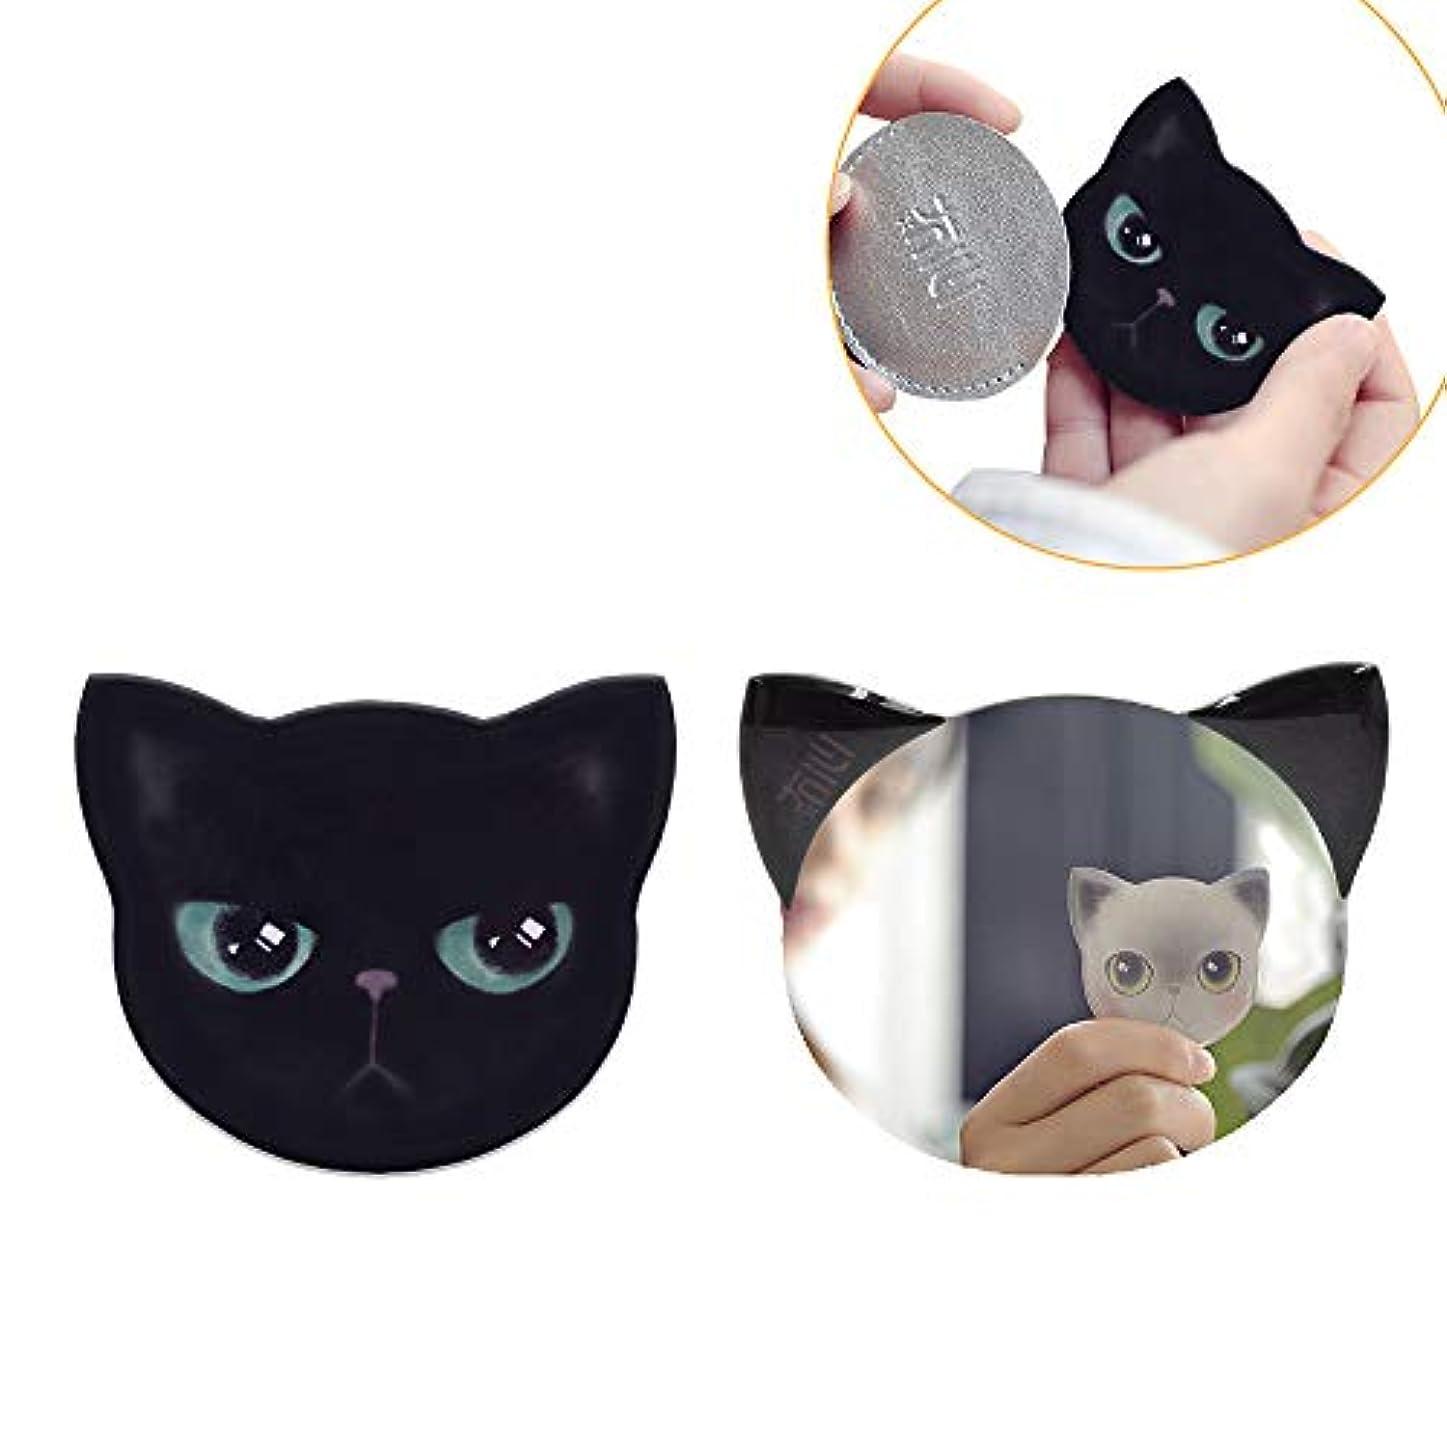 風変わりなストライク防衛iitrust 手鏡 コンパクト 猫柄 8パタン 収納袋付き 割れない 鏡 おしゃれ コンパクトミラー ハンドミラー かわいい 手鏡 猫 手鏡 かわいい iitrust並行輸入品